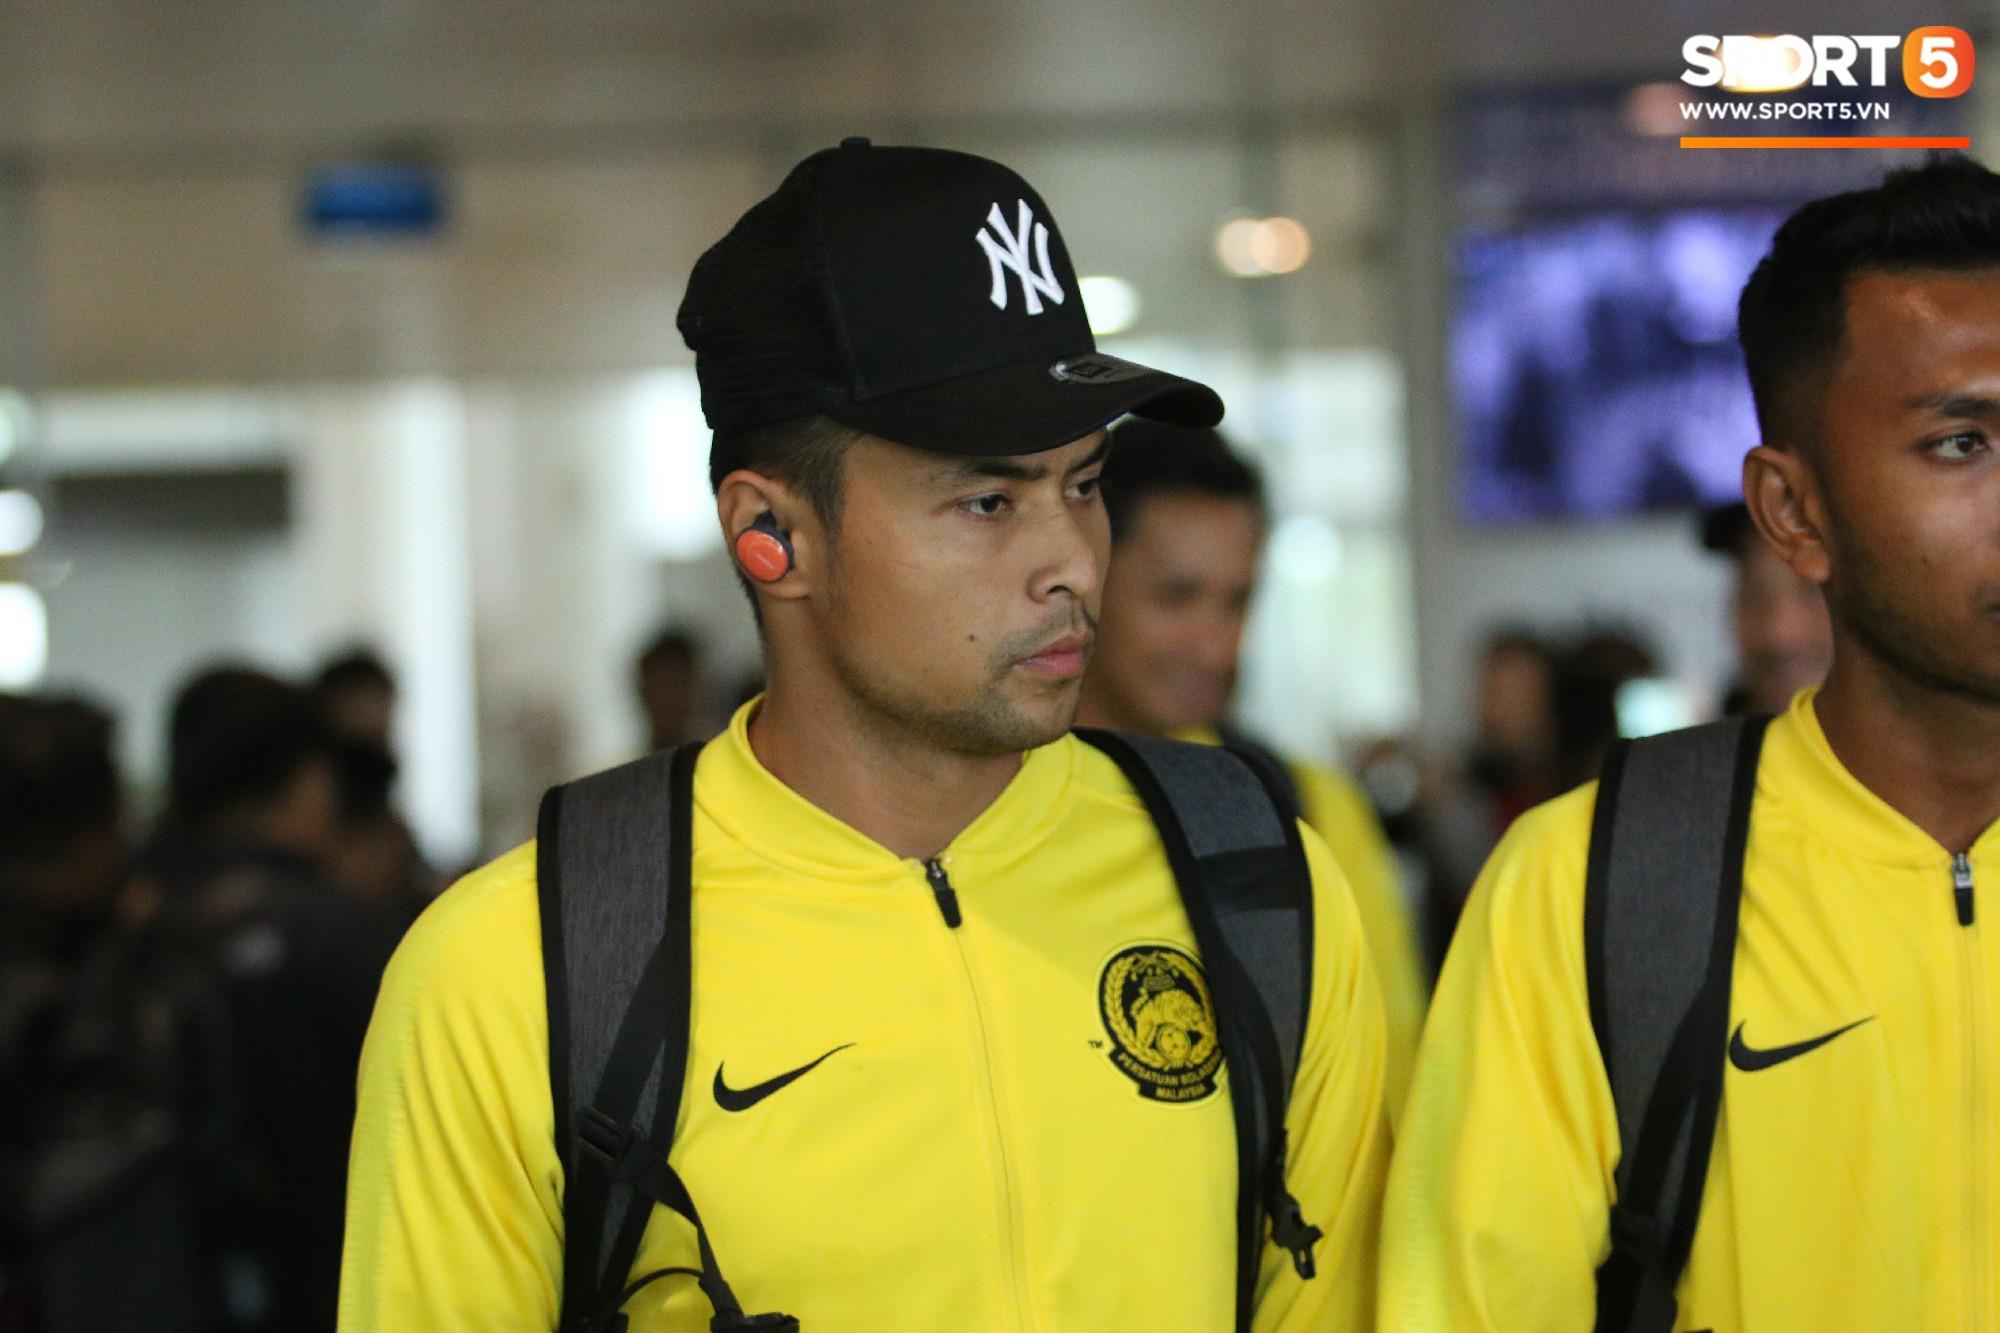 HLV trưởng Malaysia đi cùng người phụ nữ bí ẩn sang Việt Nam đá trận chung kết AFF Cup 2018 - Ảnh 5.